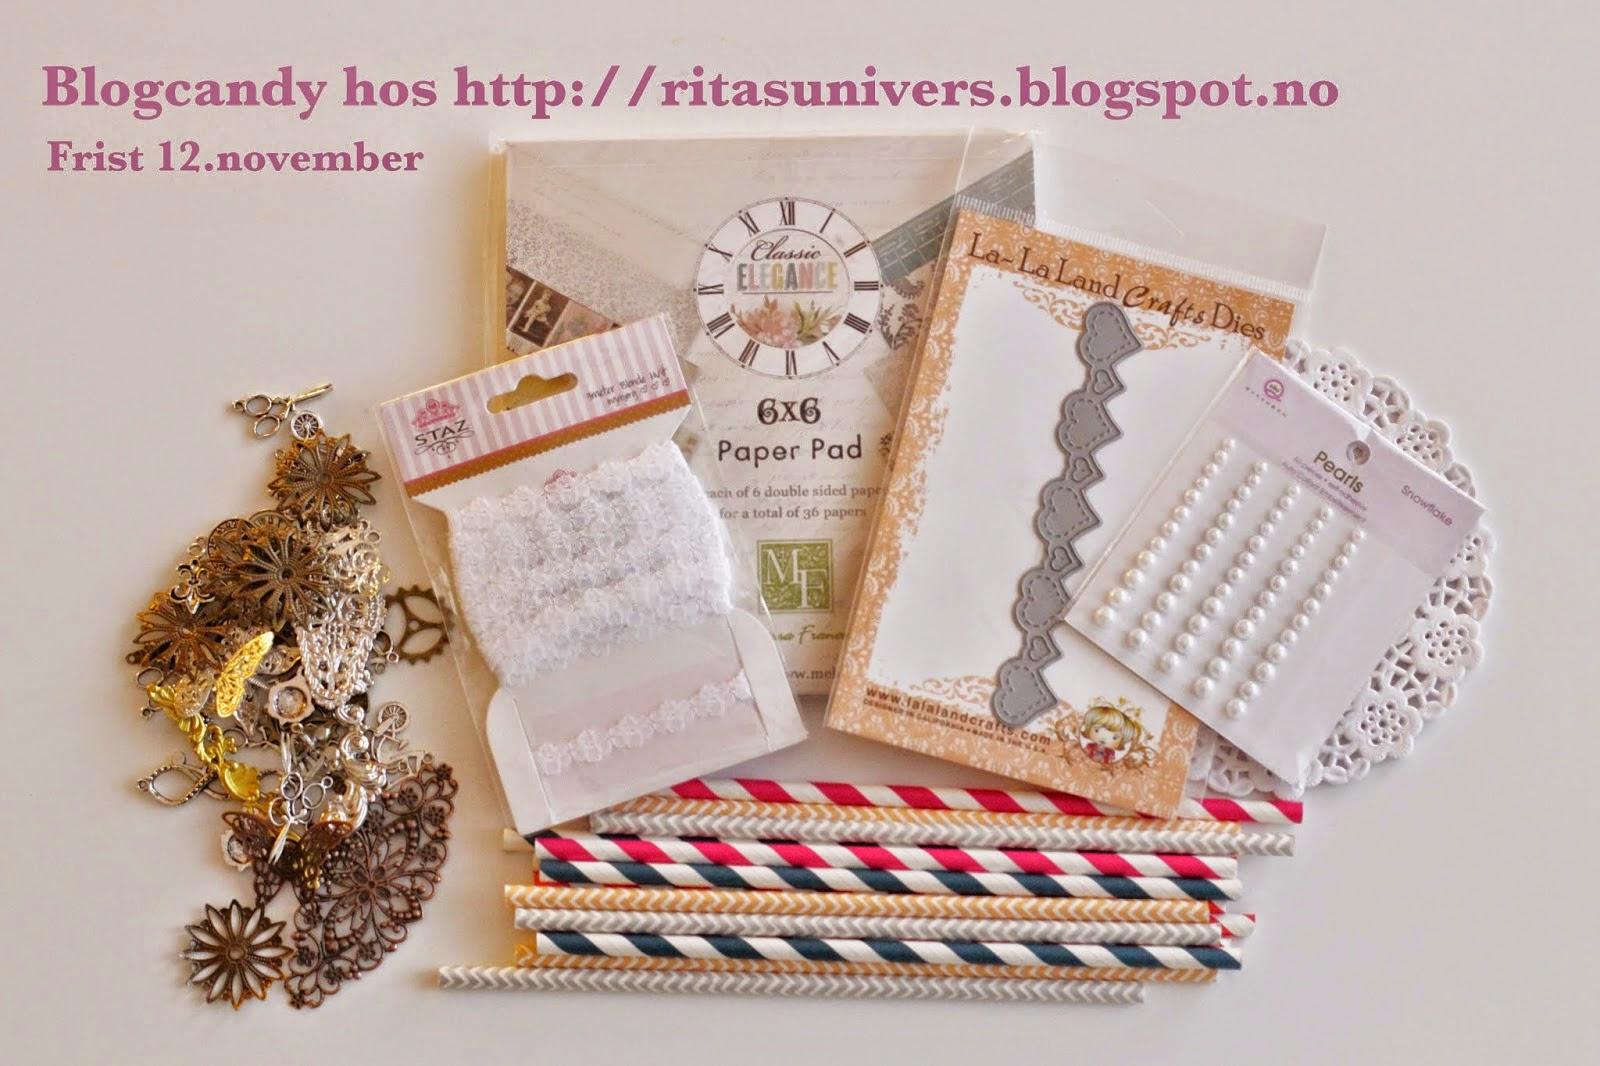 Blogg Candy hos Rita